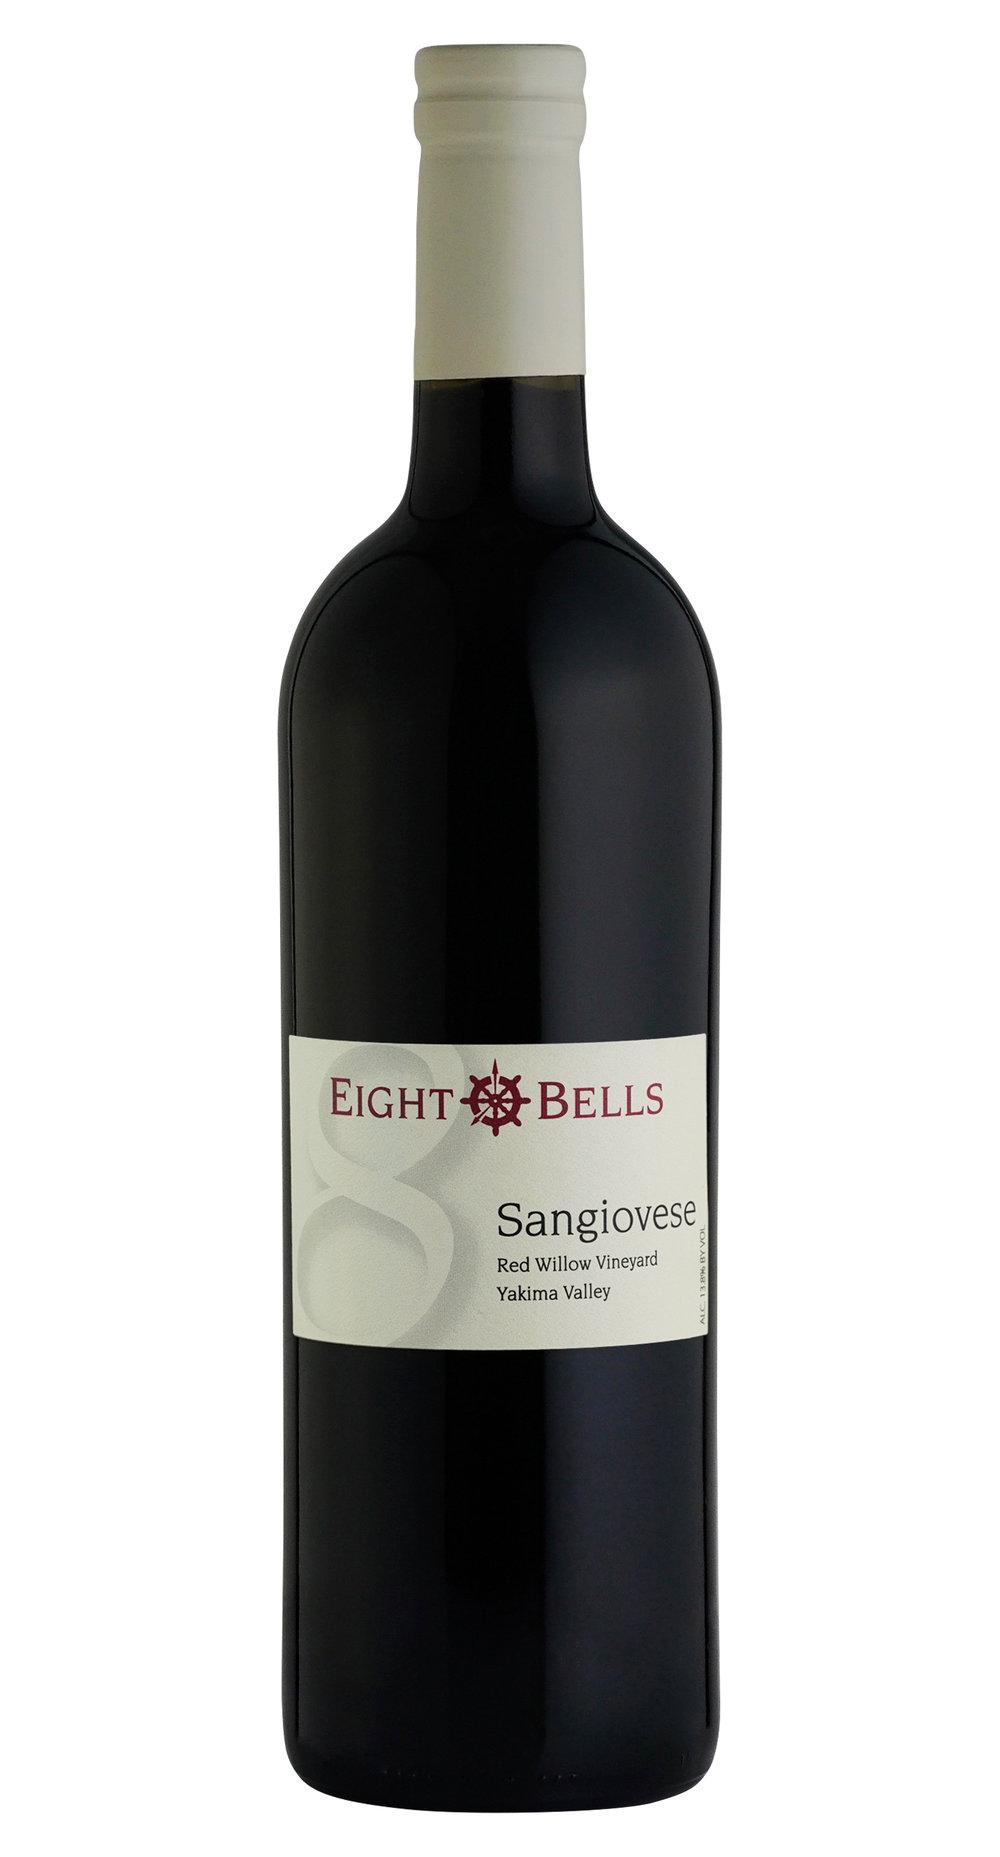 Sangiovese wine bottle